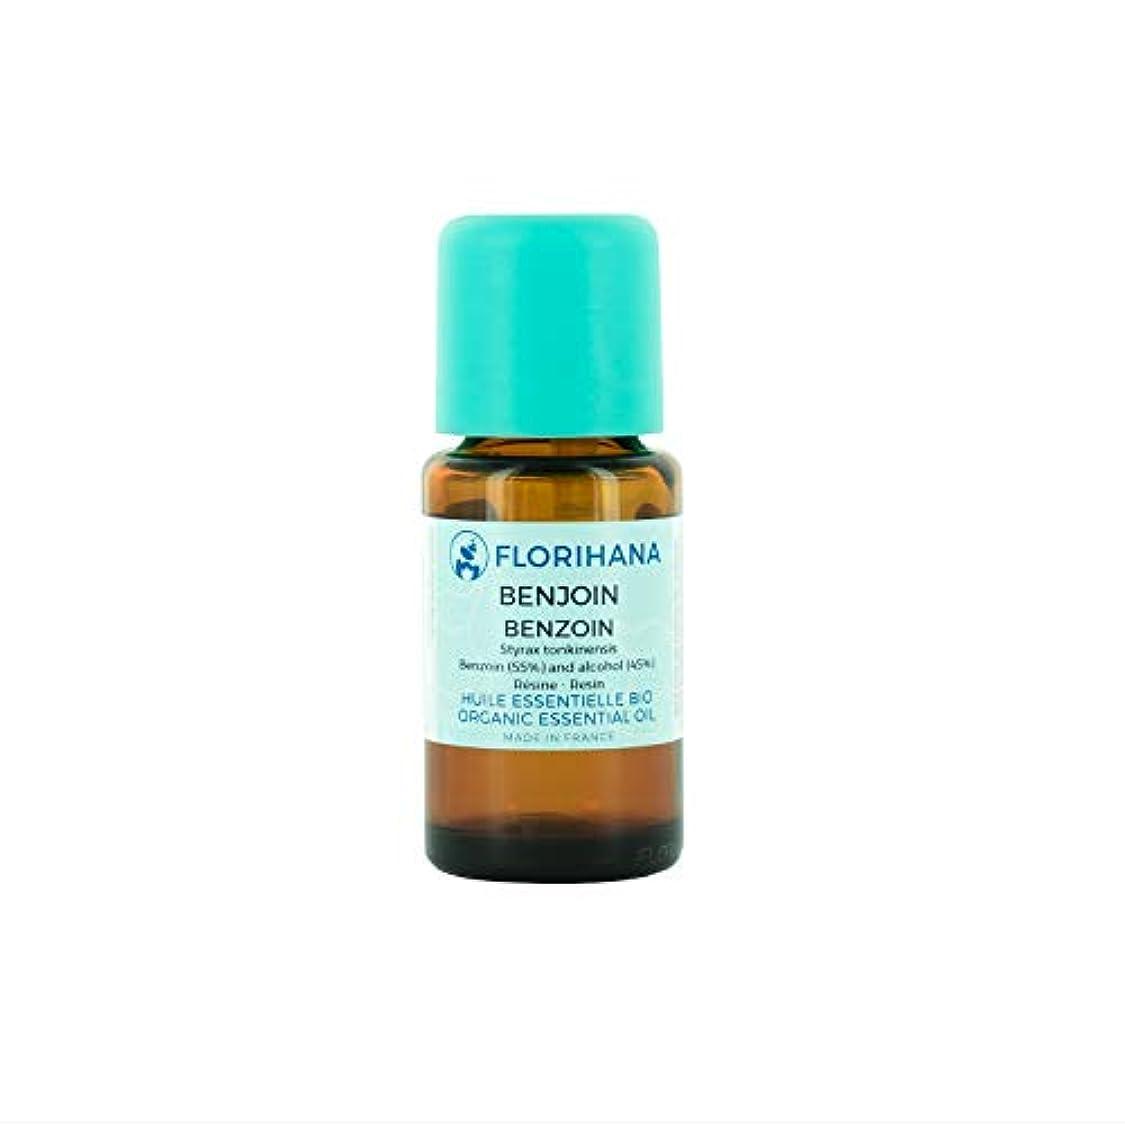 ユーモラスあざ実質的にFlorihana オーガニックエッセンシャルオイル ベンゾイン 5g(5ml)